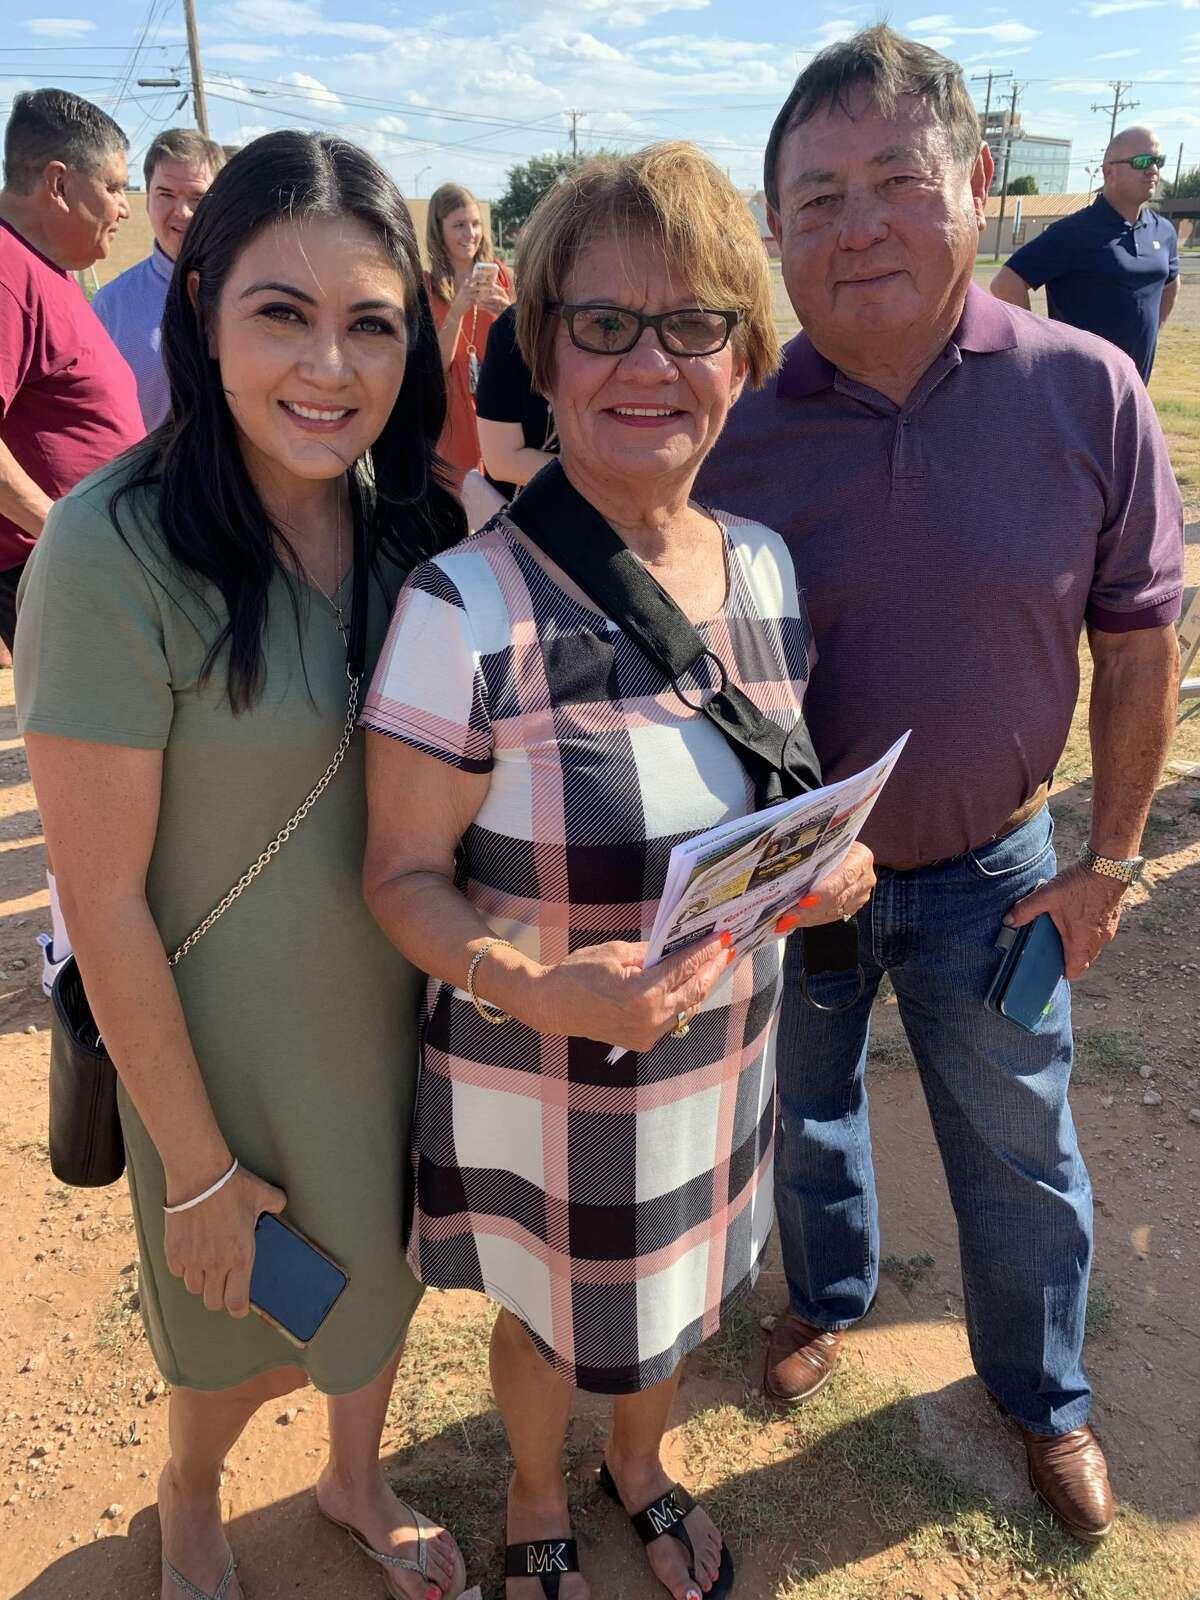 Pam Cannon, Angie Mendoza, Jerry Morales and Mary Villanueva